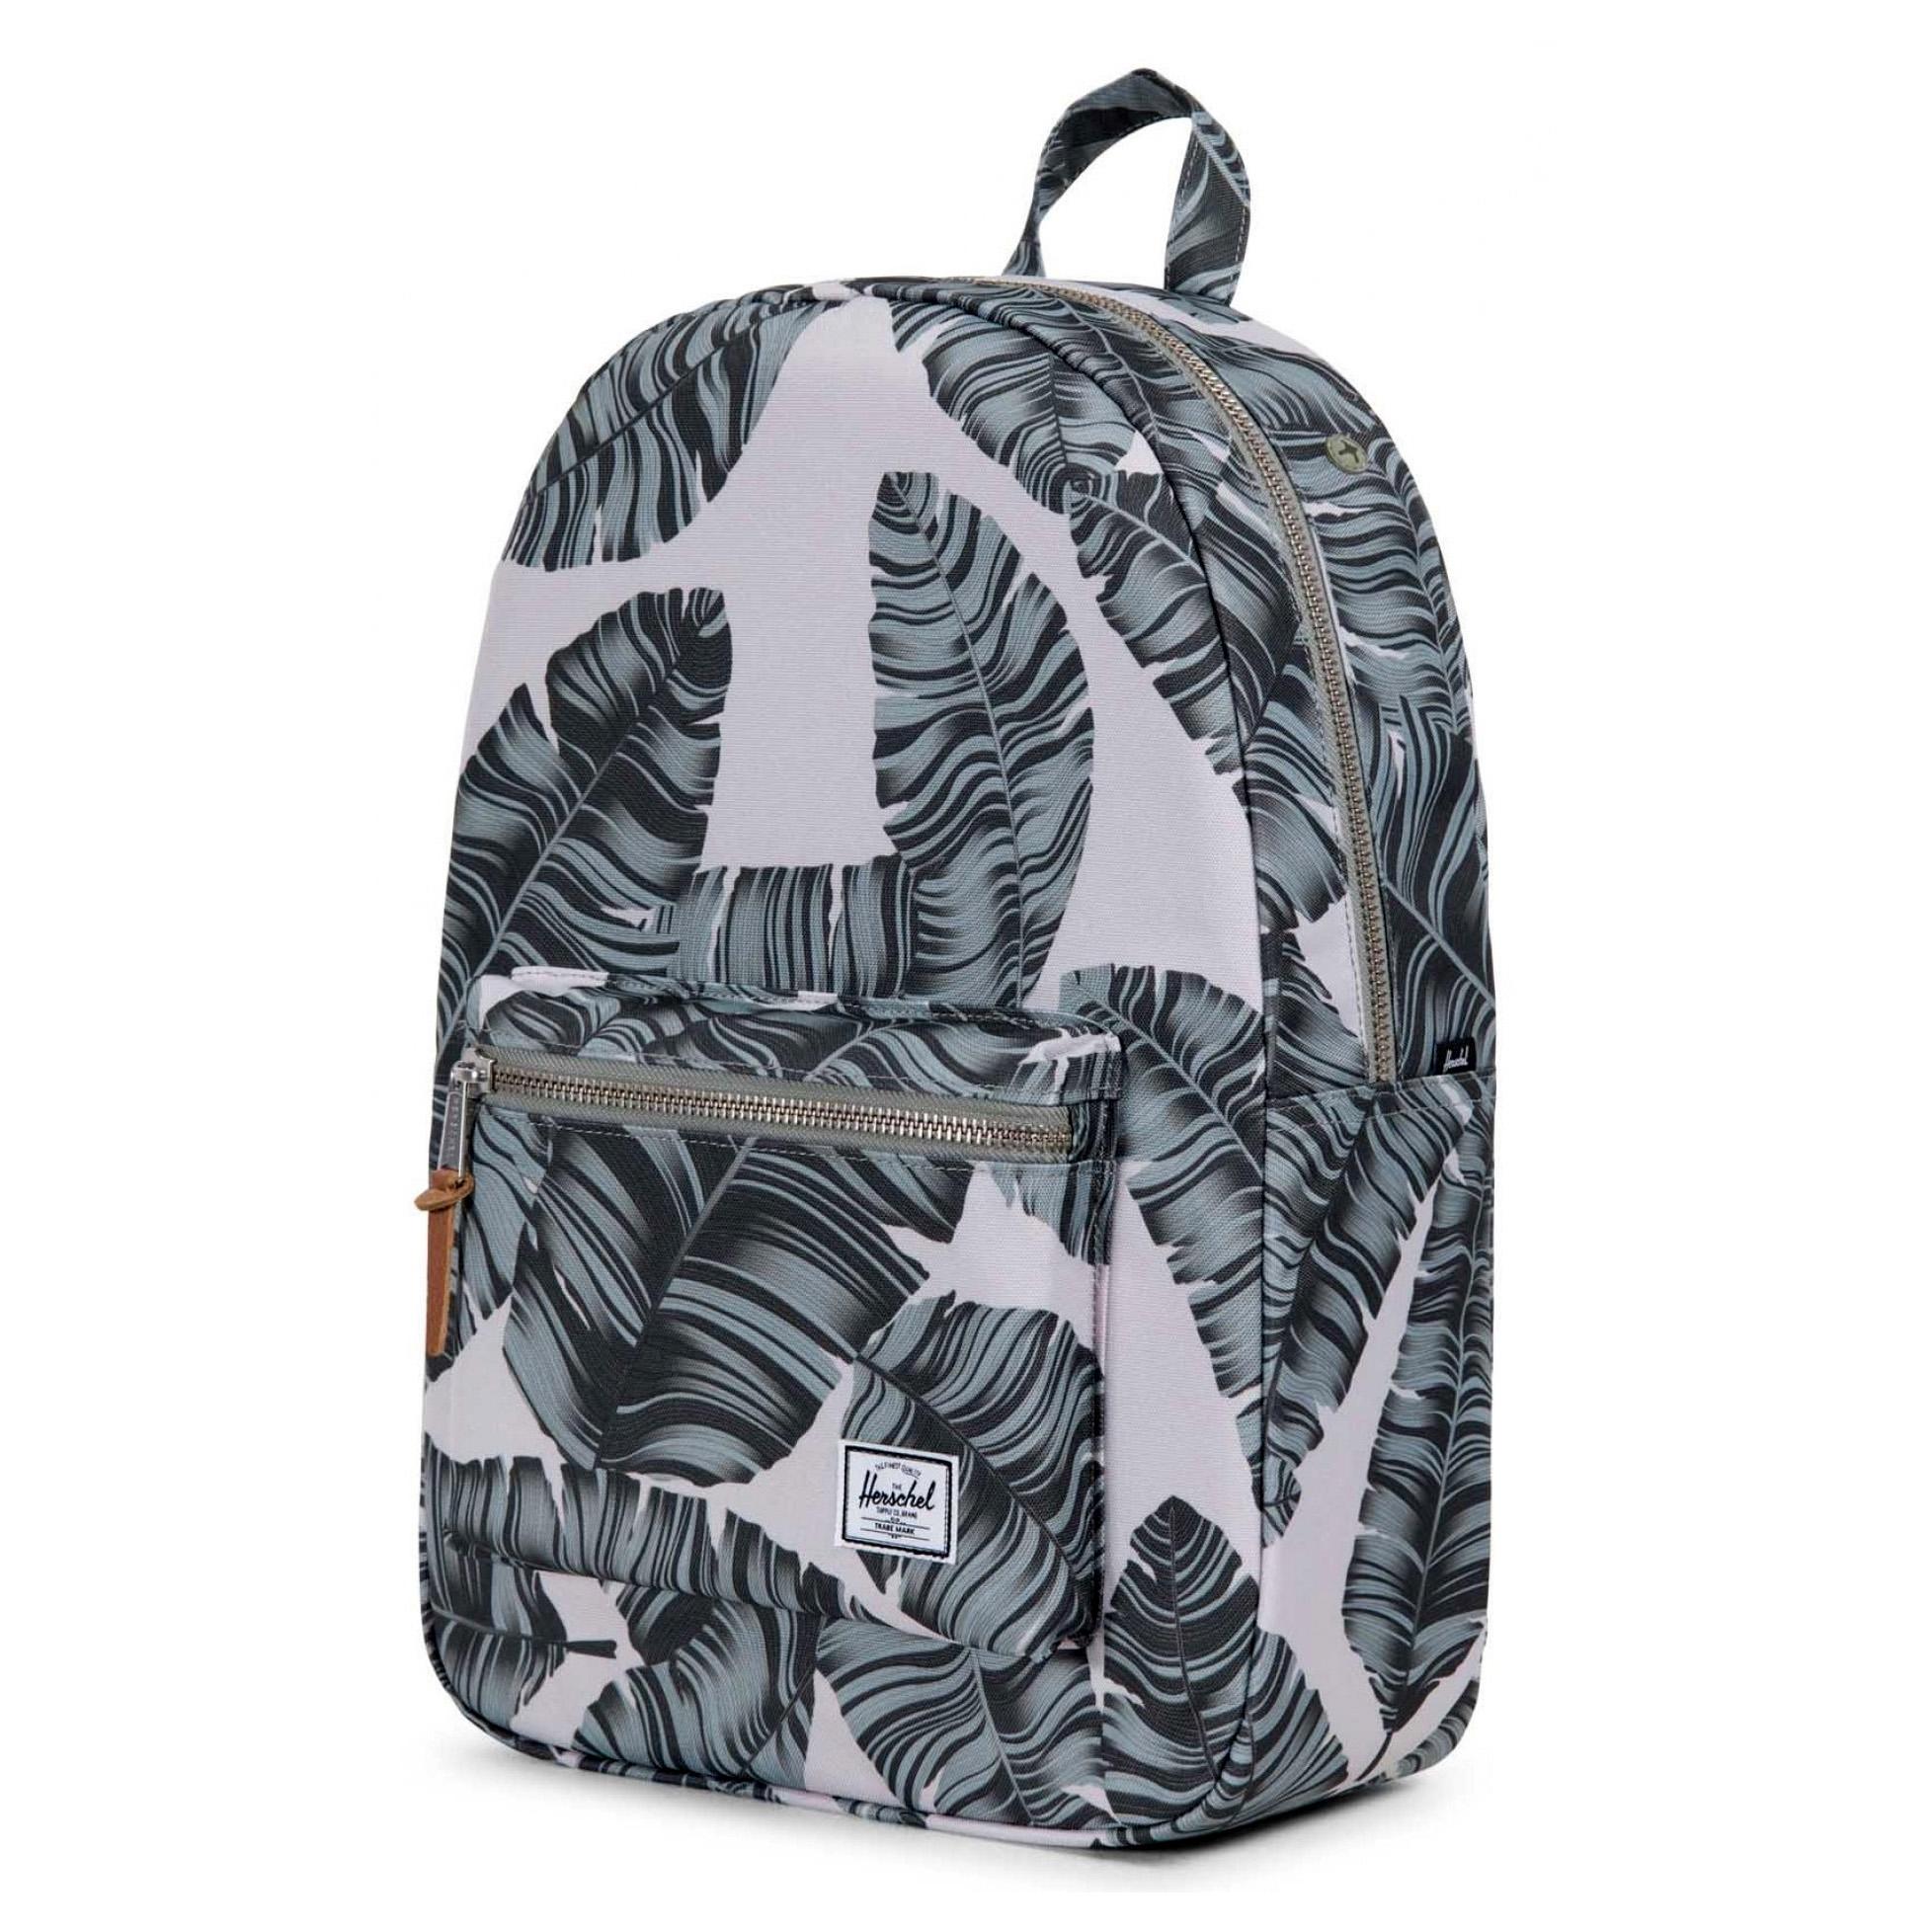 518ad2998c2 Herschel Settlement Backpack - Backpacks Backpacks - Sporting goods ...